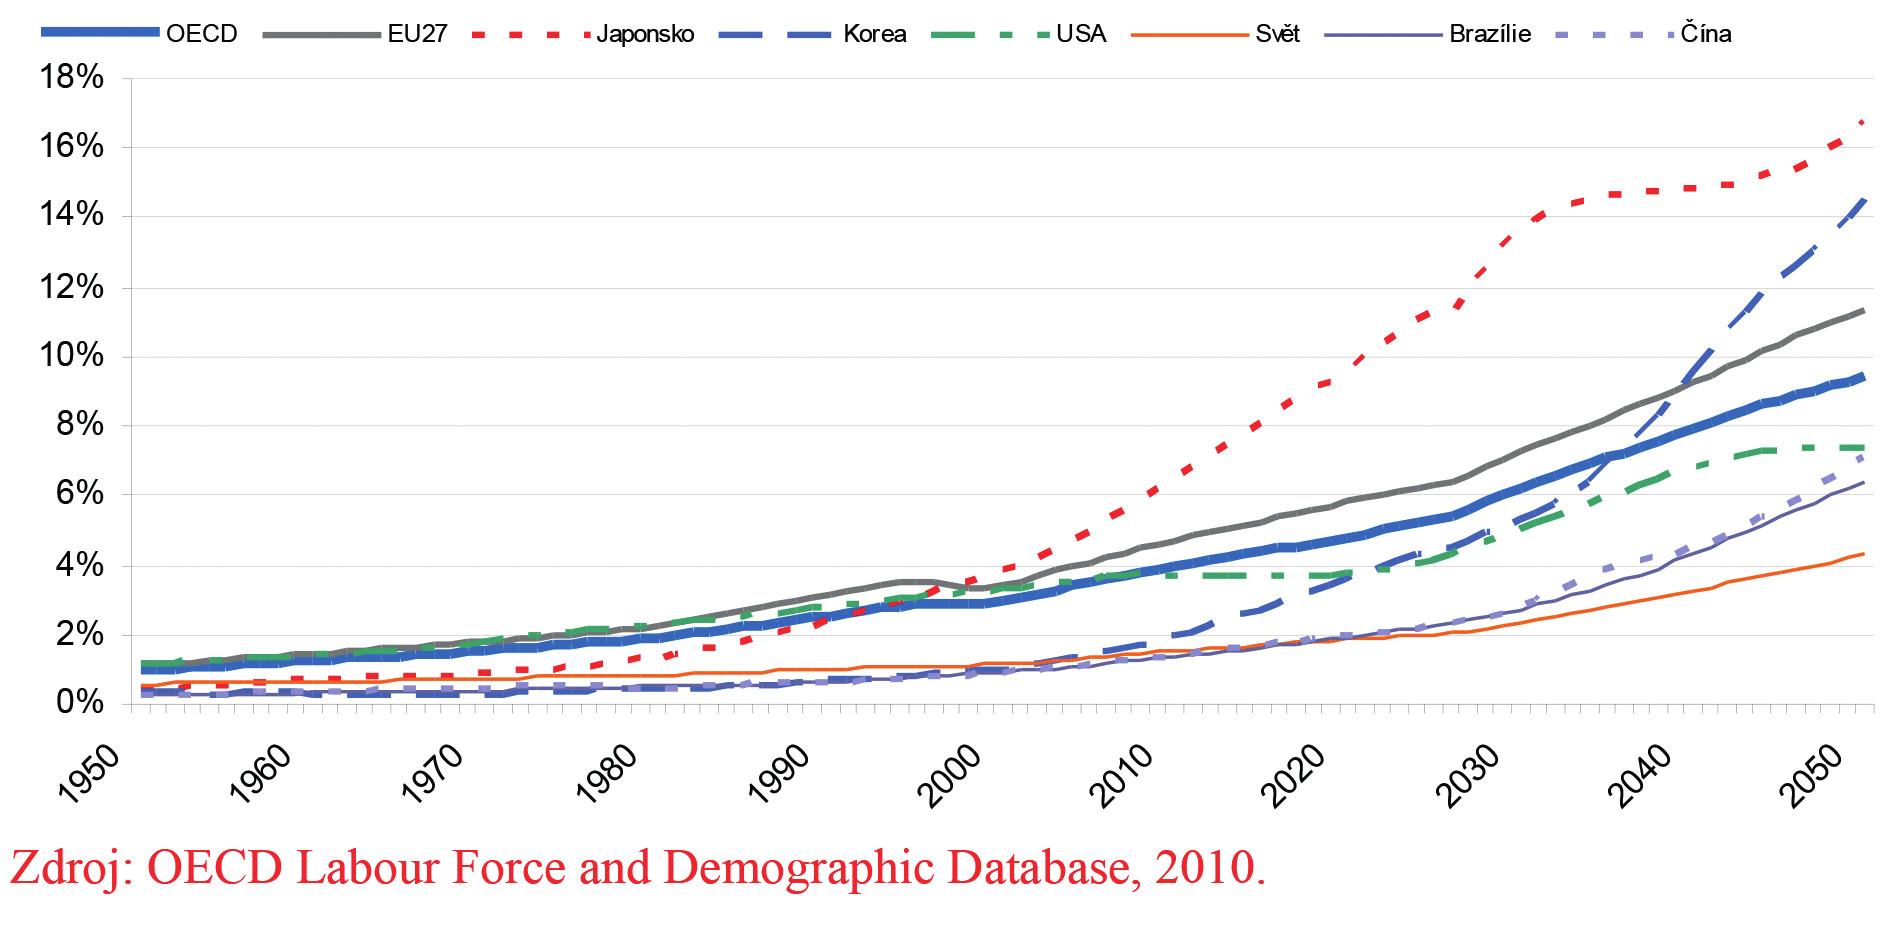 Projekce růstu podílu populace 80+ v OECD, EU-27 a vybraných zemích